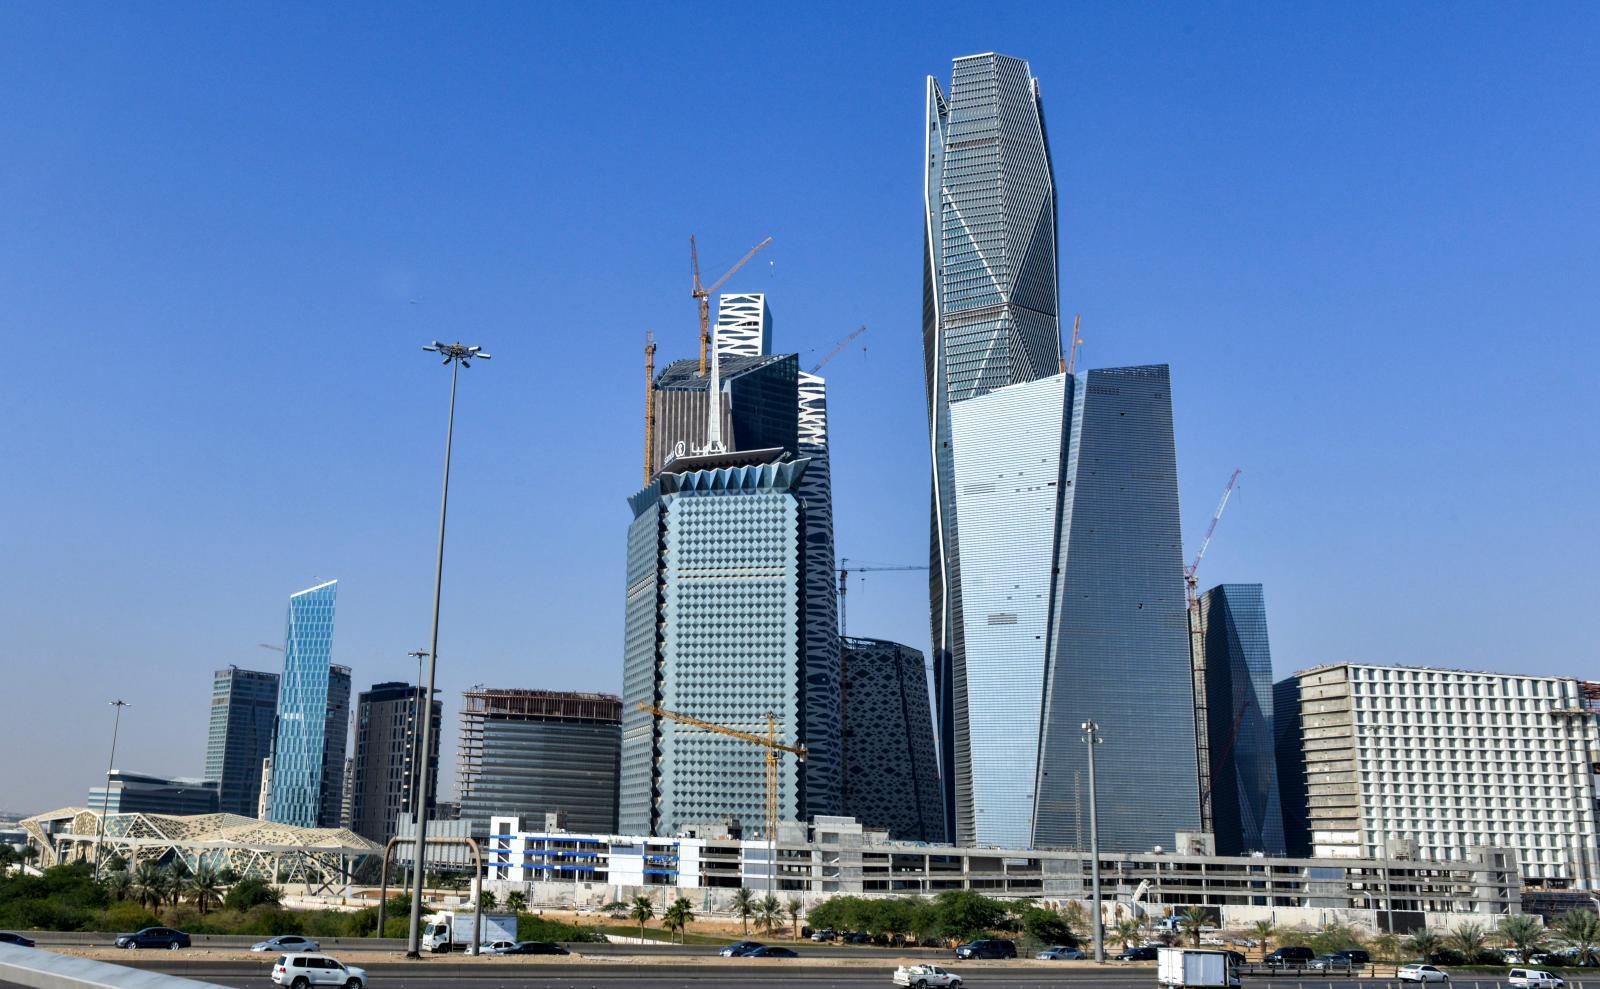 UAE และซาอุดิอาระเบียเตรียมทดลองใช้ cryptocurrency จ่ายเงินข้ามประเทศ